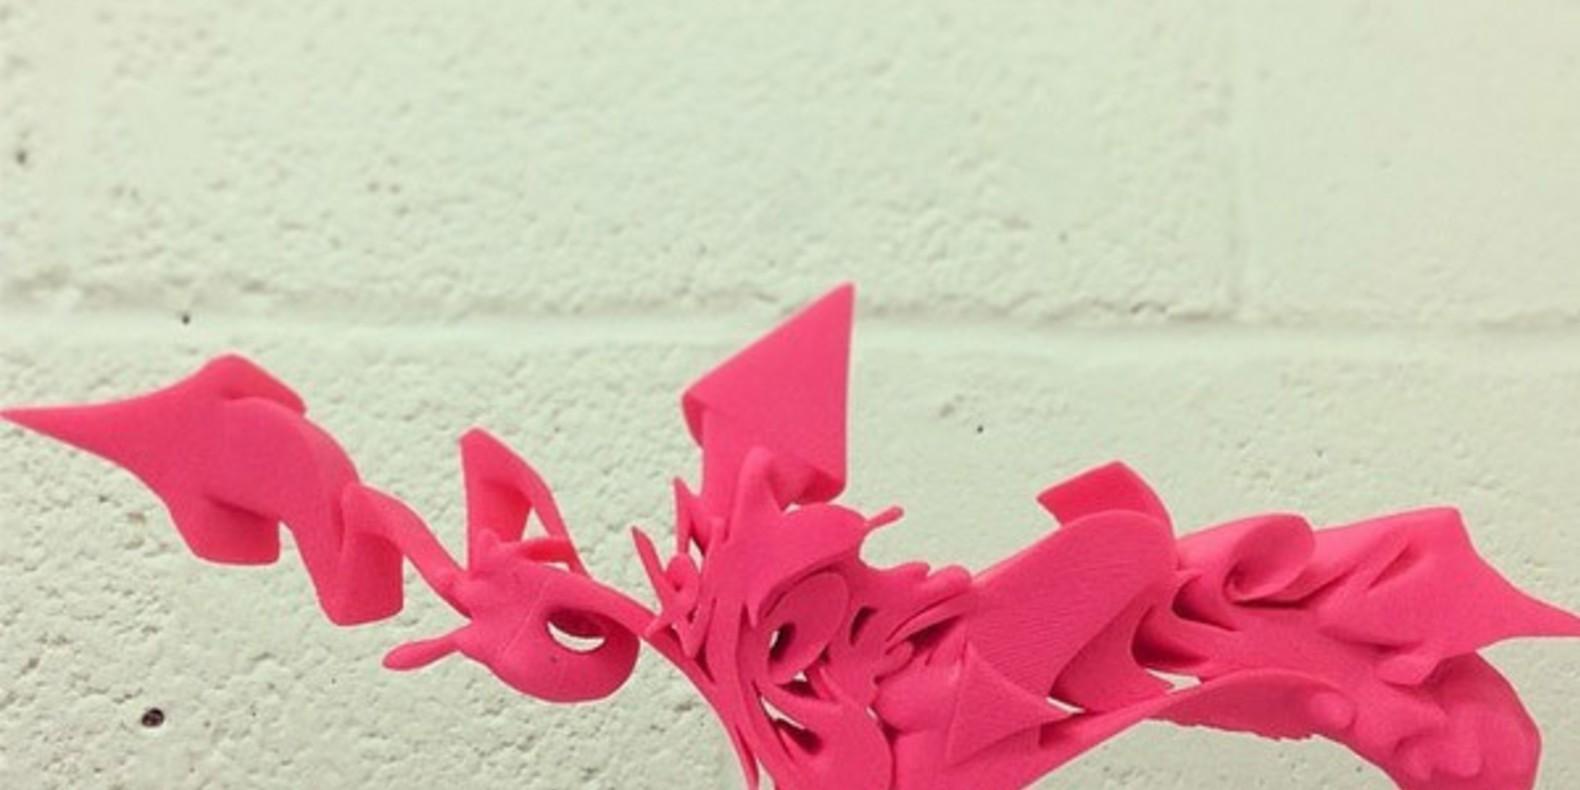 8-SORN-3DPrint graffitis imprimés en 3D Noramlly Ben